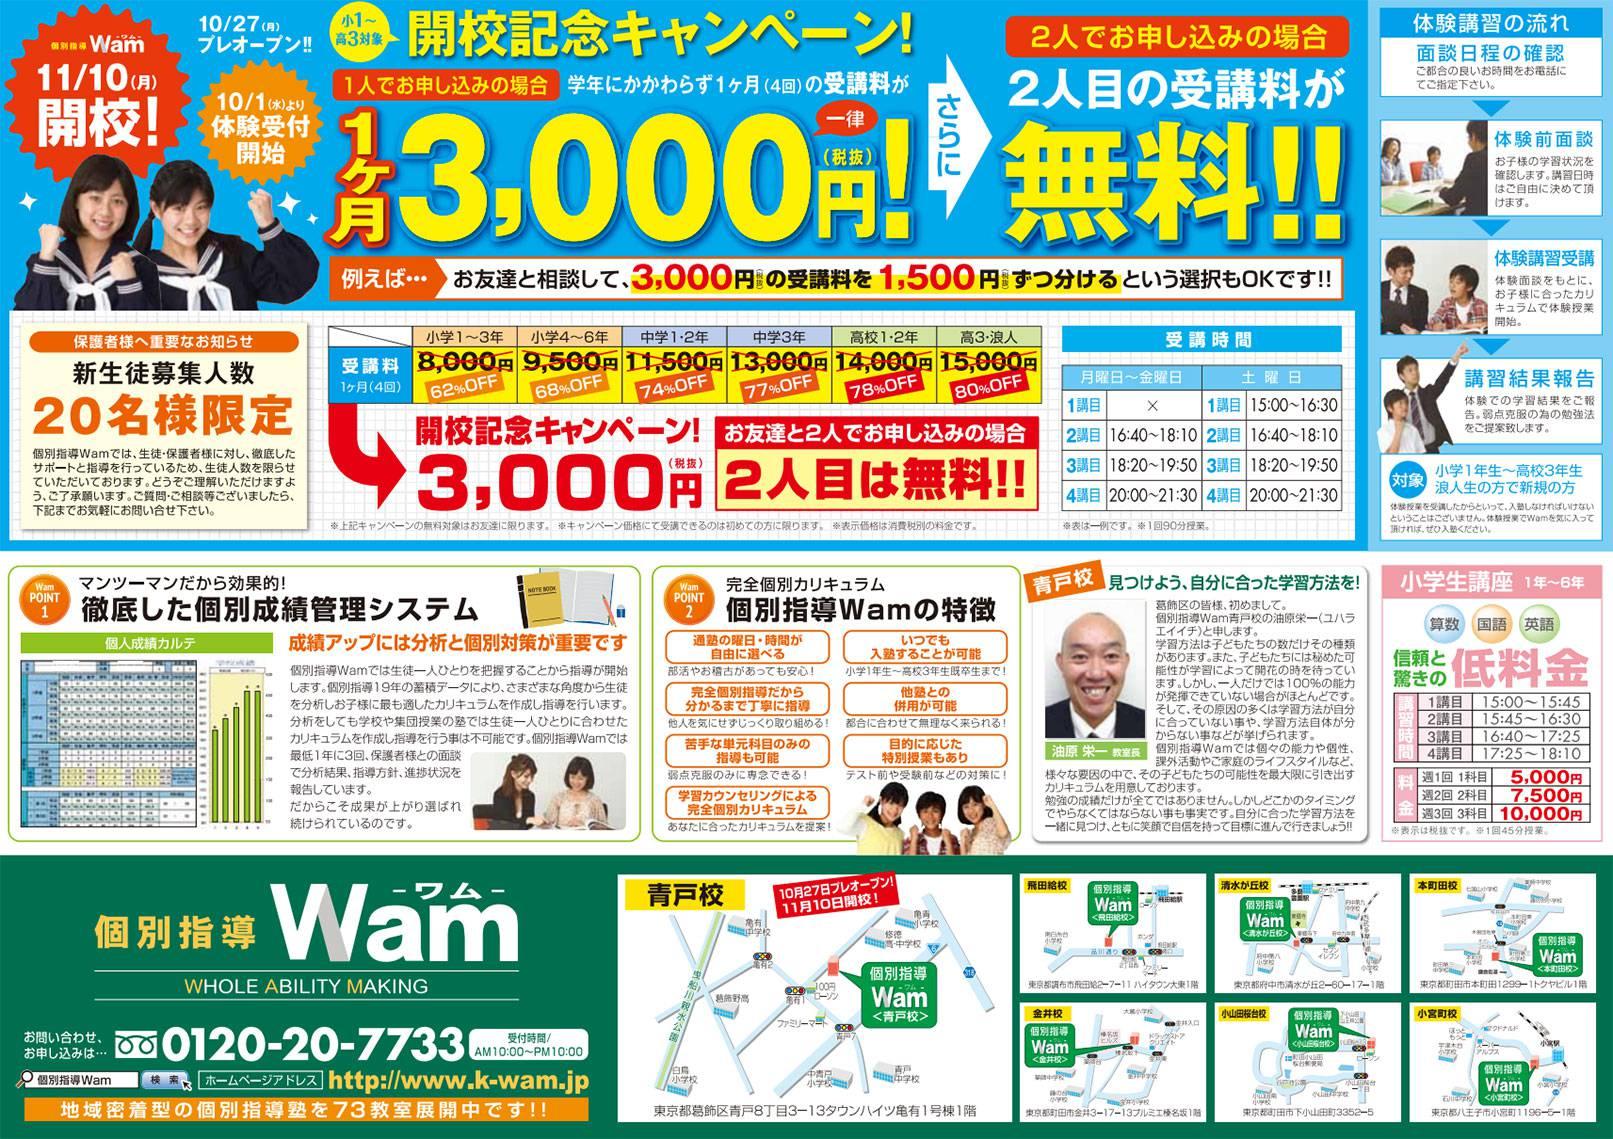 青戸校 2014年10月27日(月)プレオープンチラシ画像・ウラ面